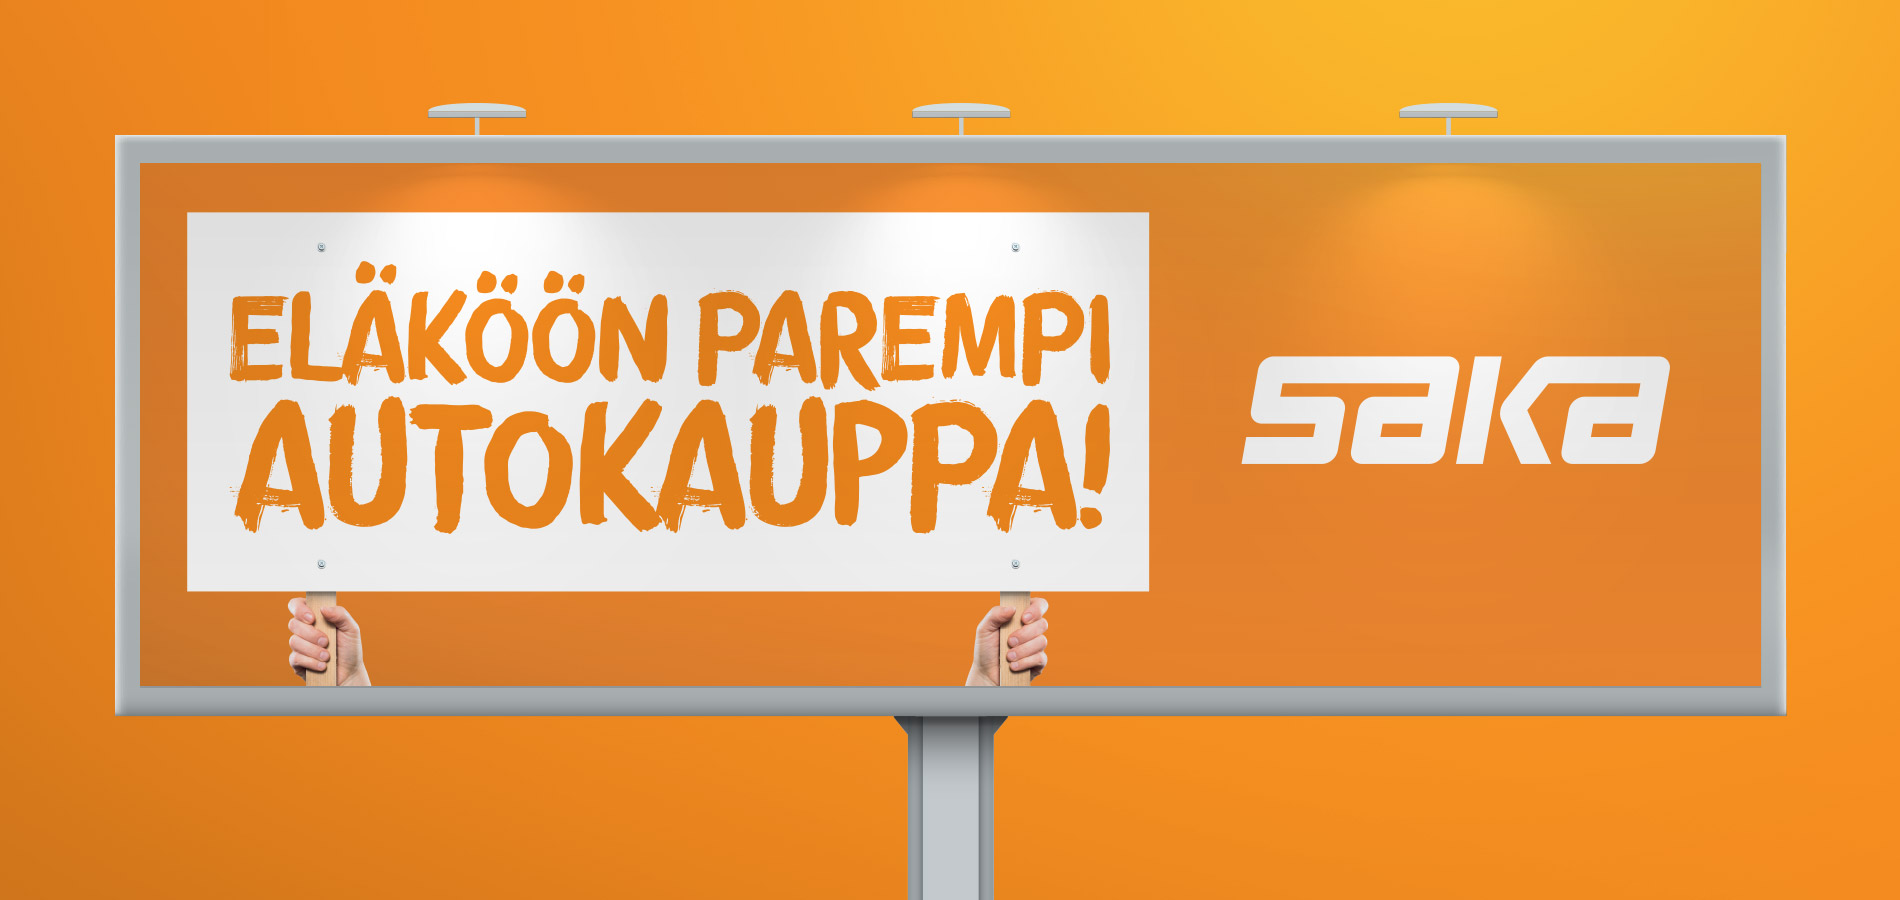 Saka_Avidly_työnäyte_kuva-4